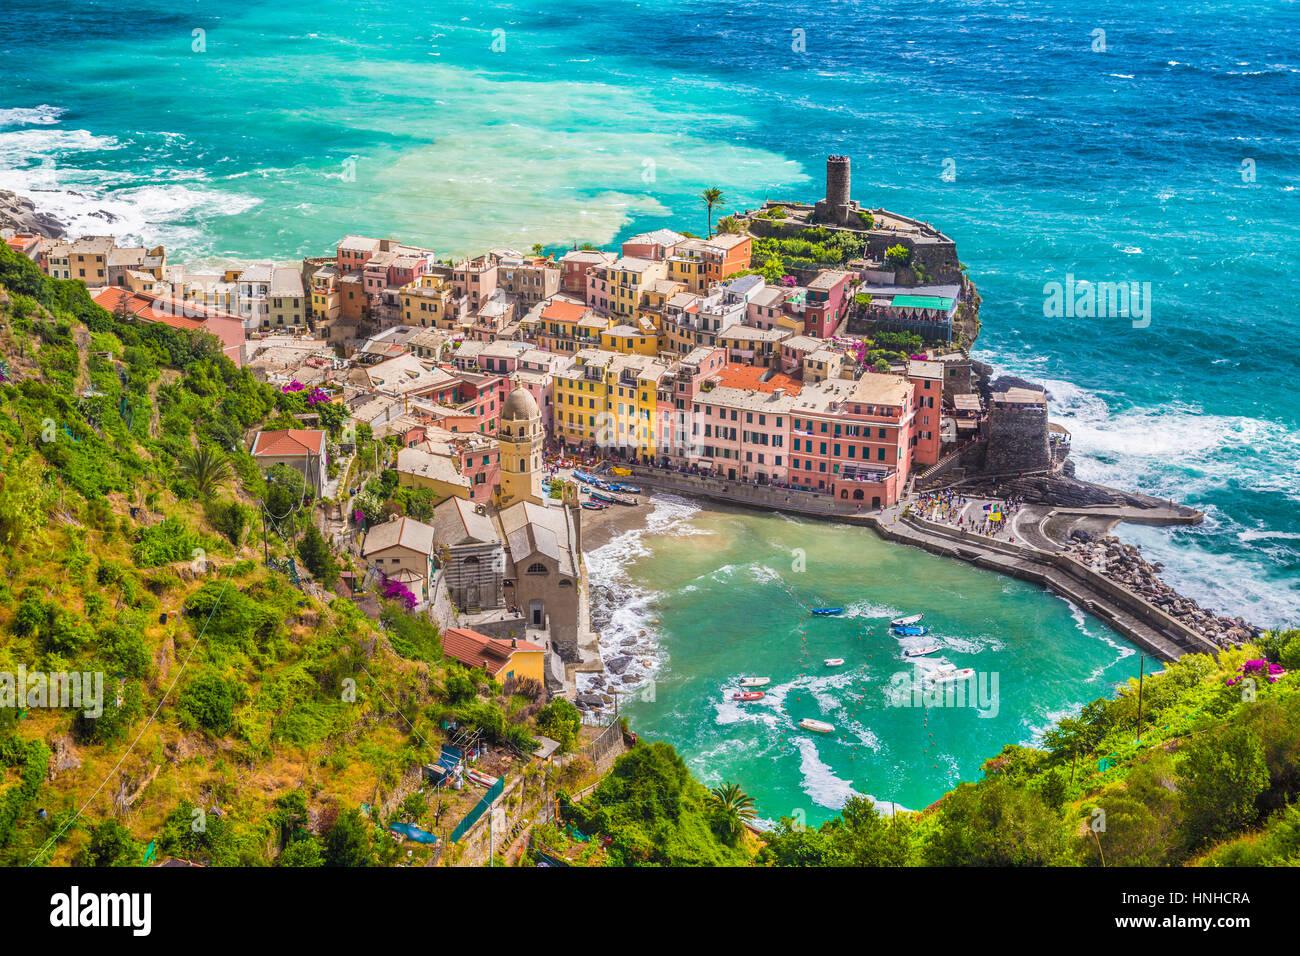 Schöne Luftaufnahme von der malerischen Stadt von Vernazza, eines der fünf berühmten Fischer Dörfer der Cinque Terre, Stockfoto